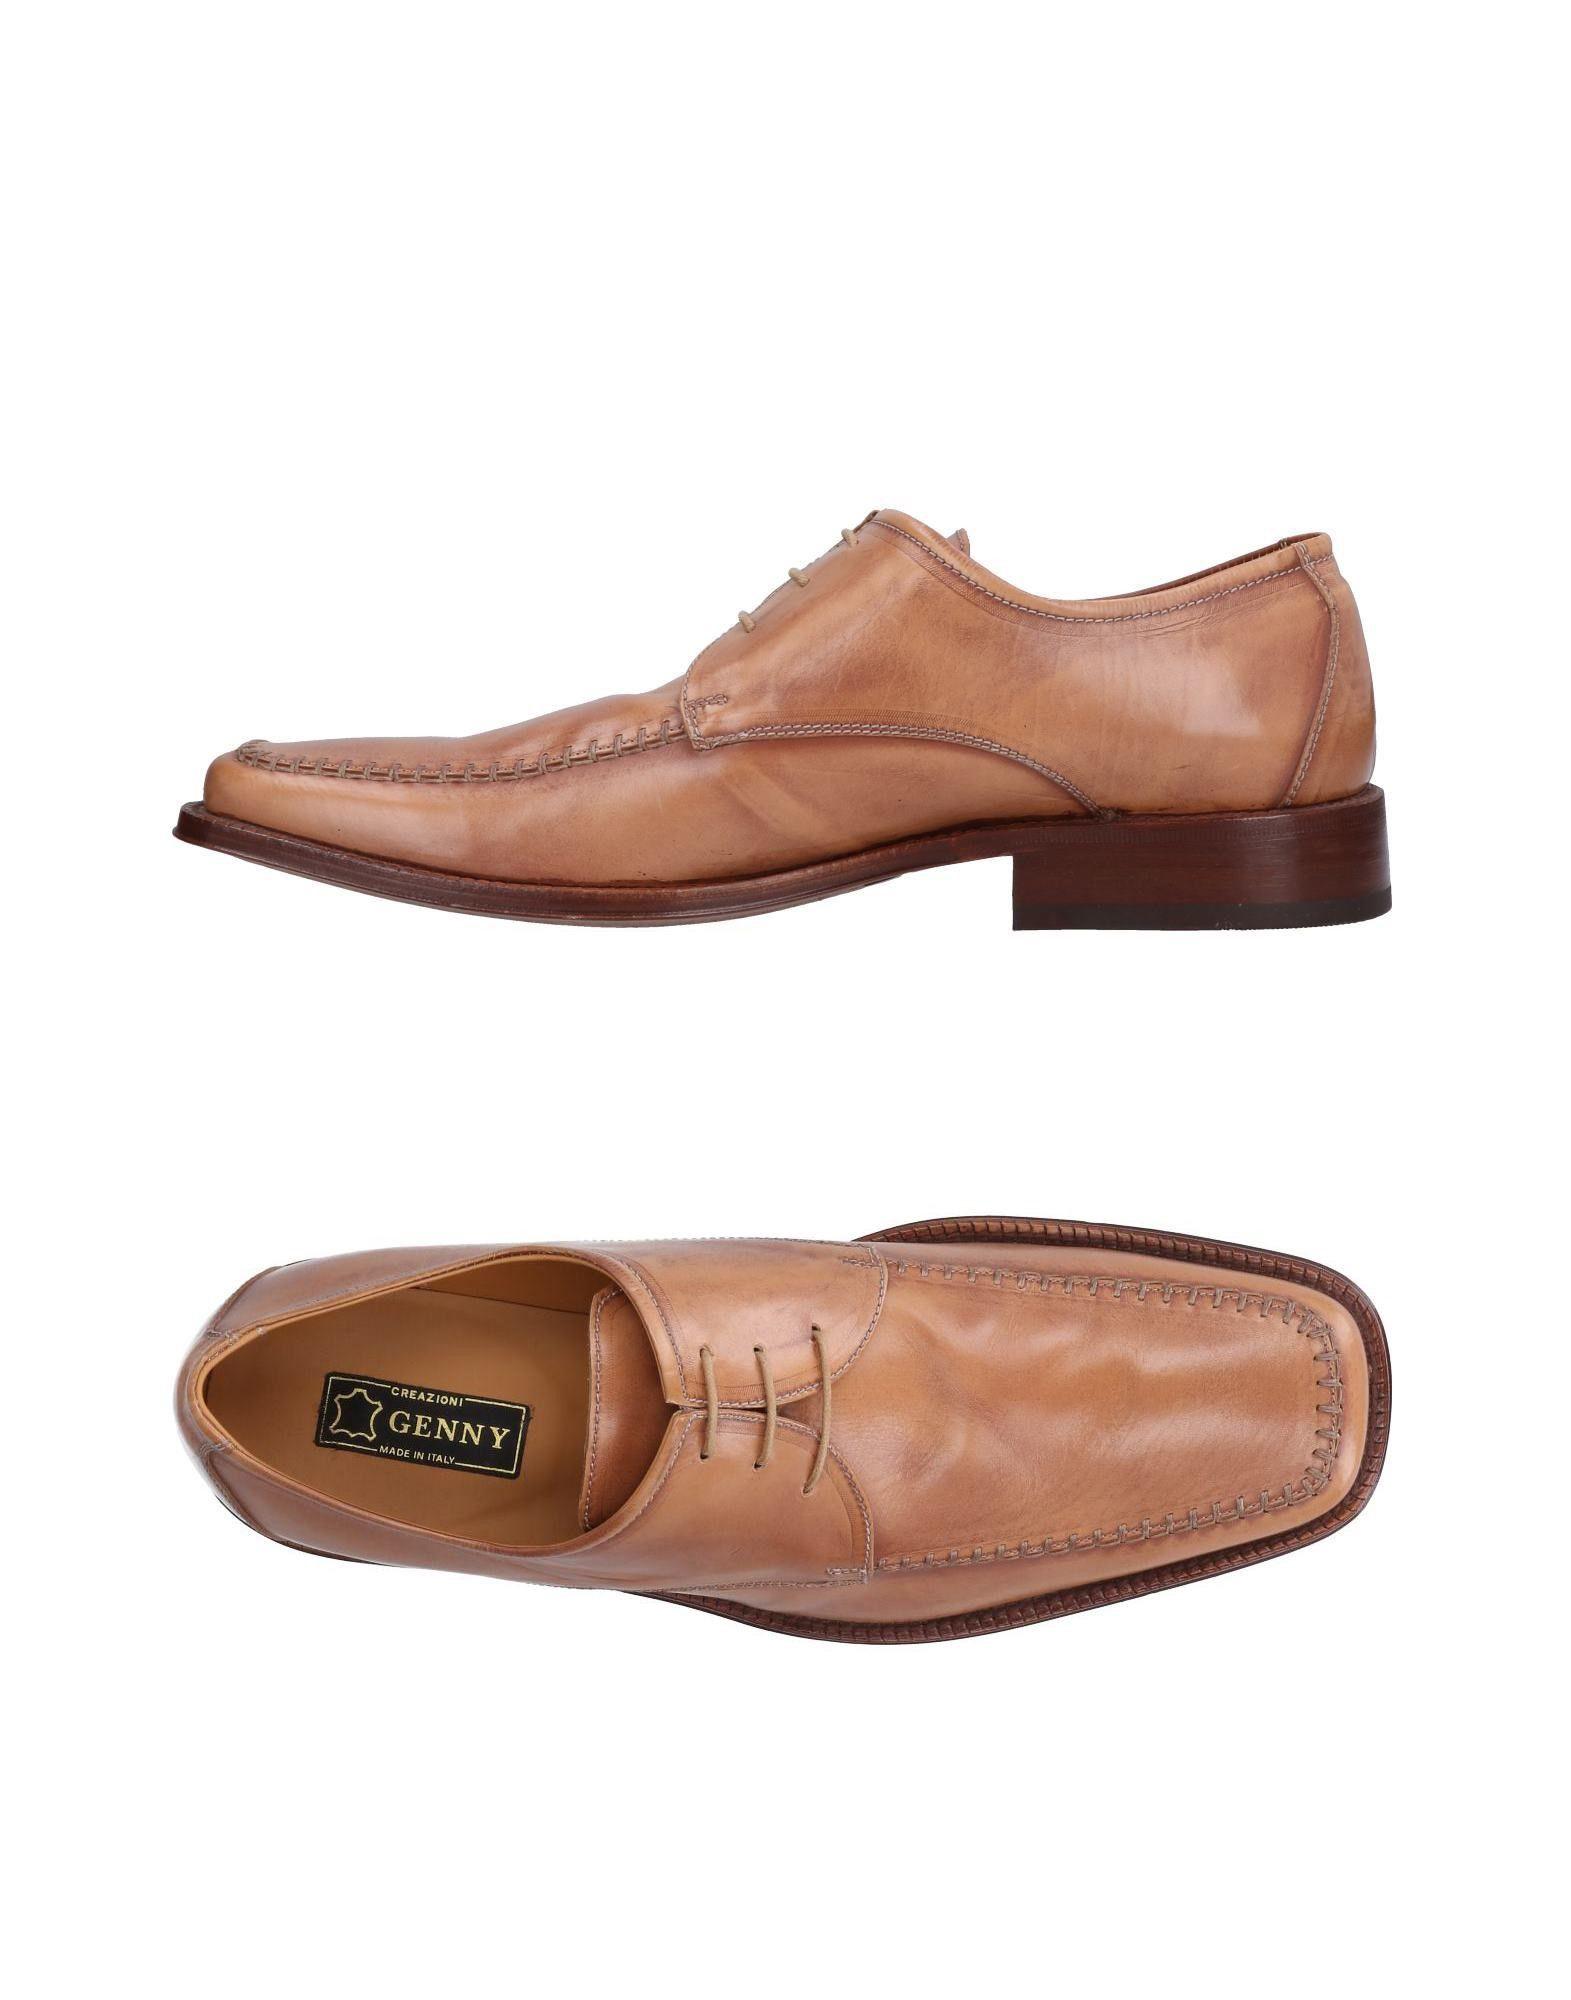 Rabatt echte Schuhe Genny Herren Lav. Artigiana Varese Schnürschuhe Herren Genny  11504623MU 686a1a